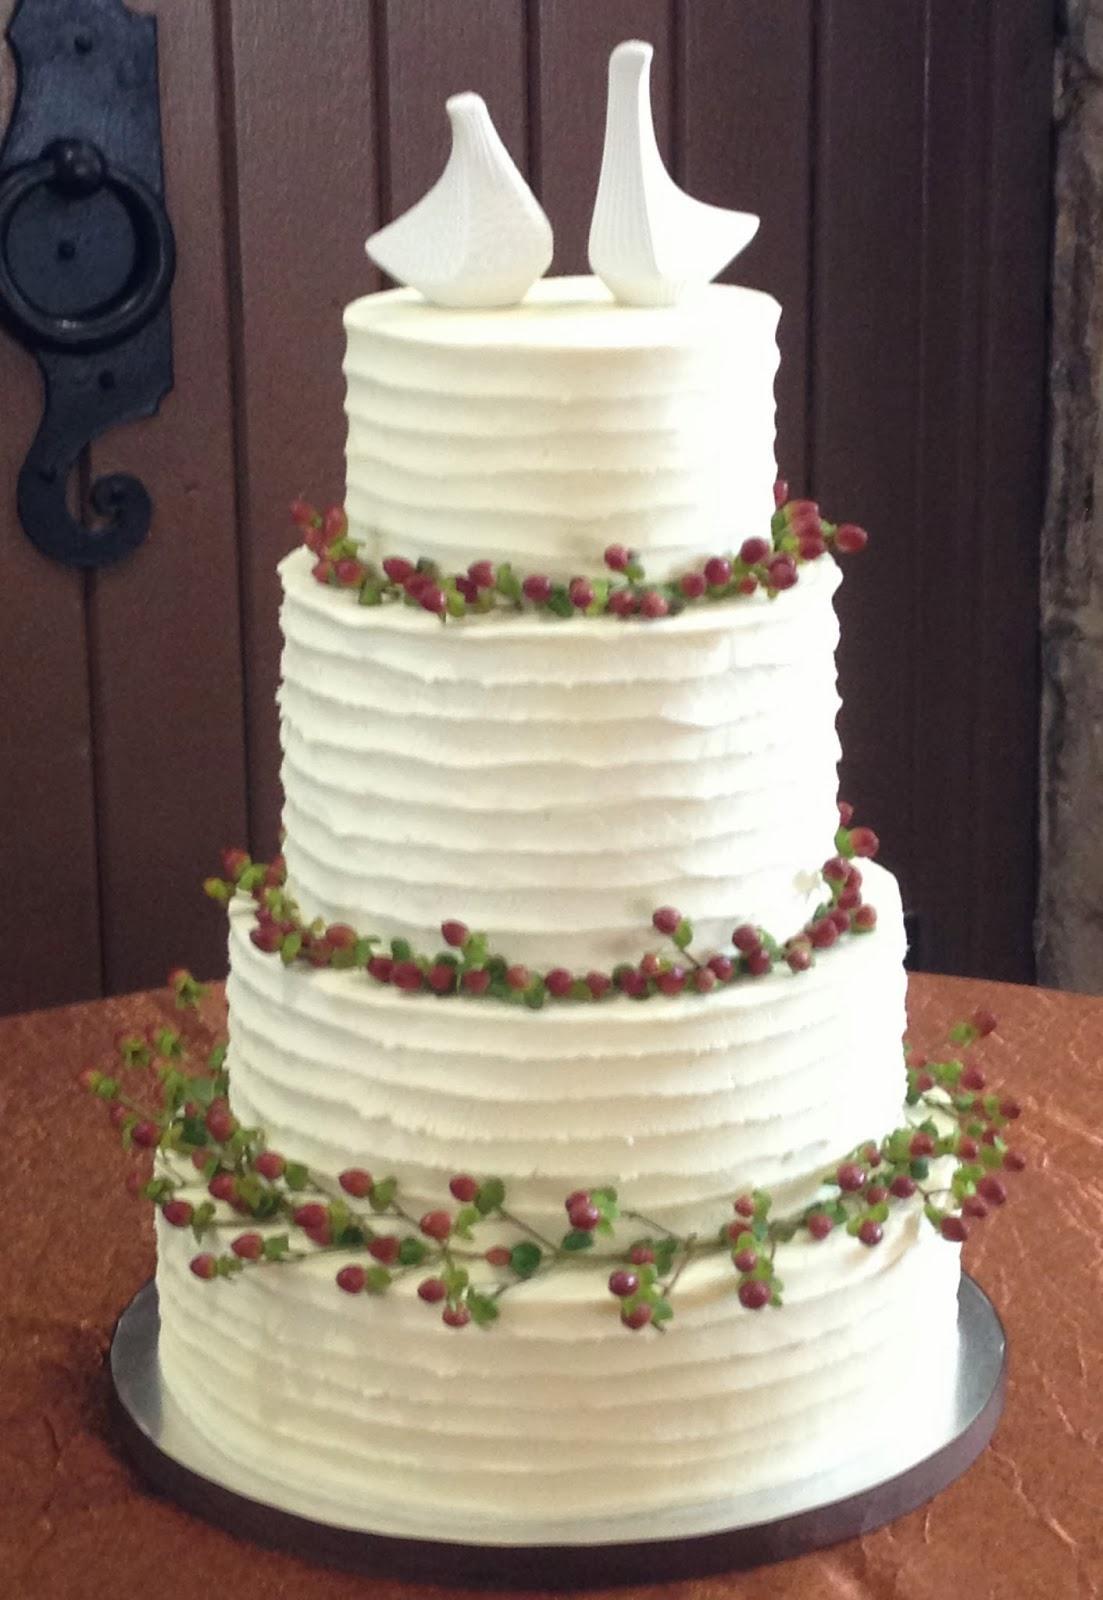 4 Tier Buttercream Wedding Cake - CakeCentral.com